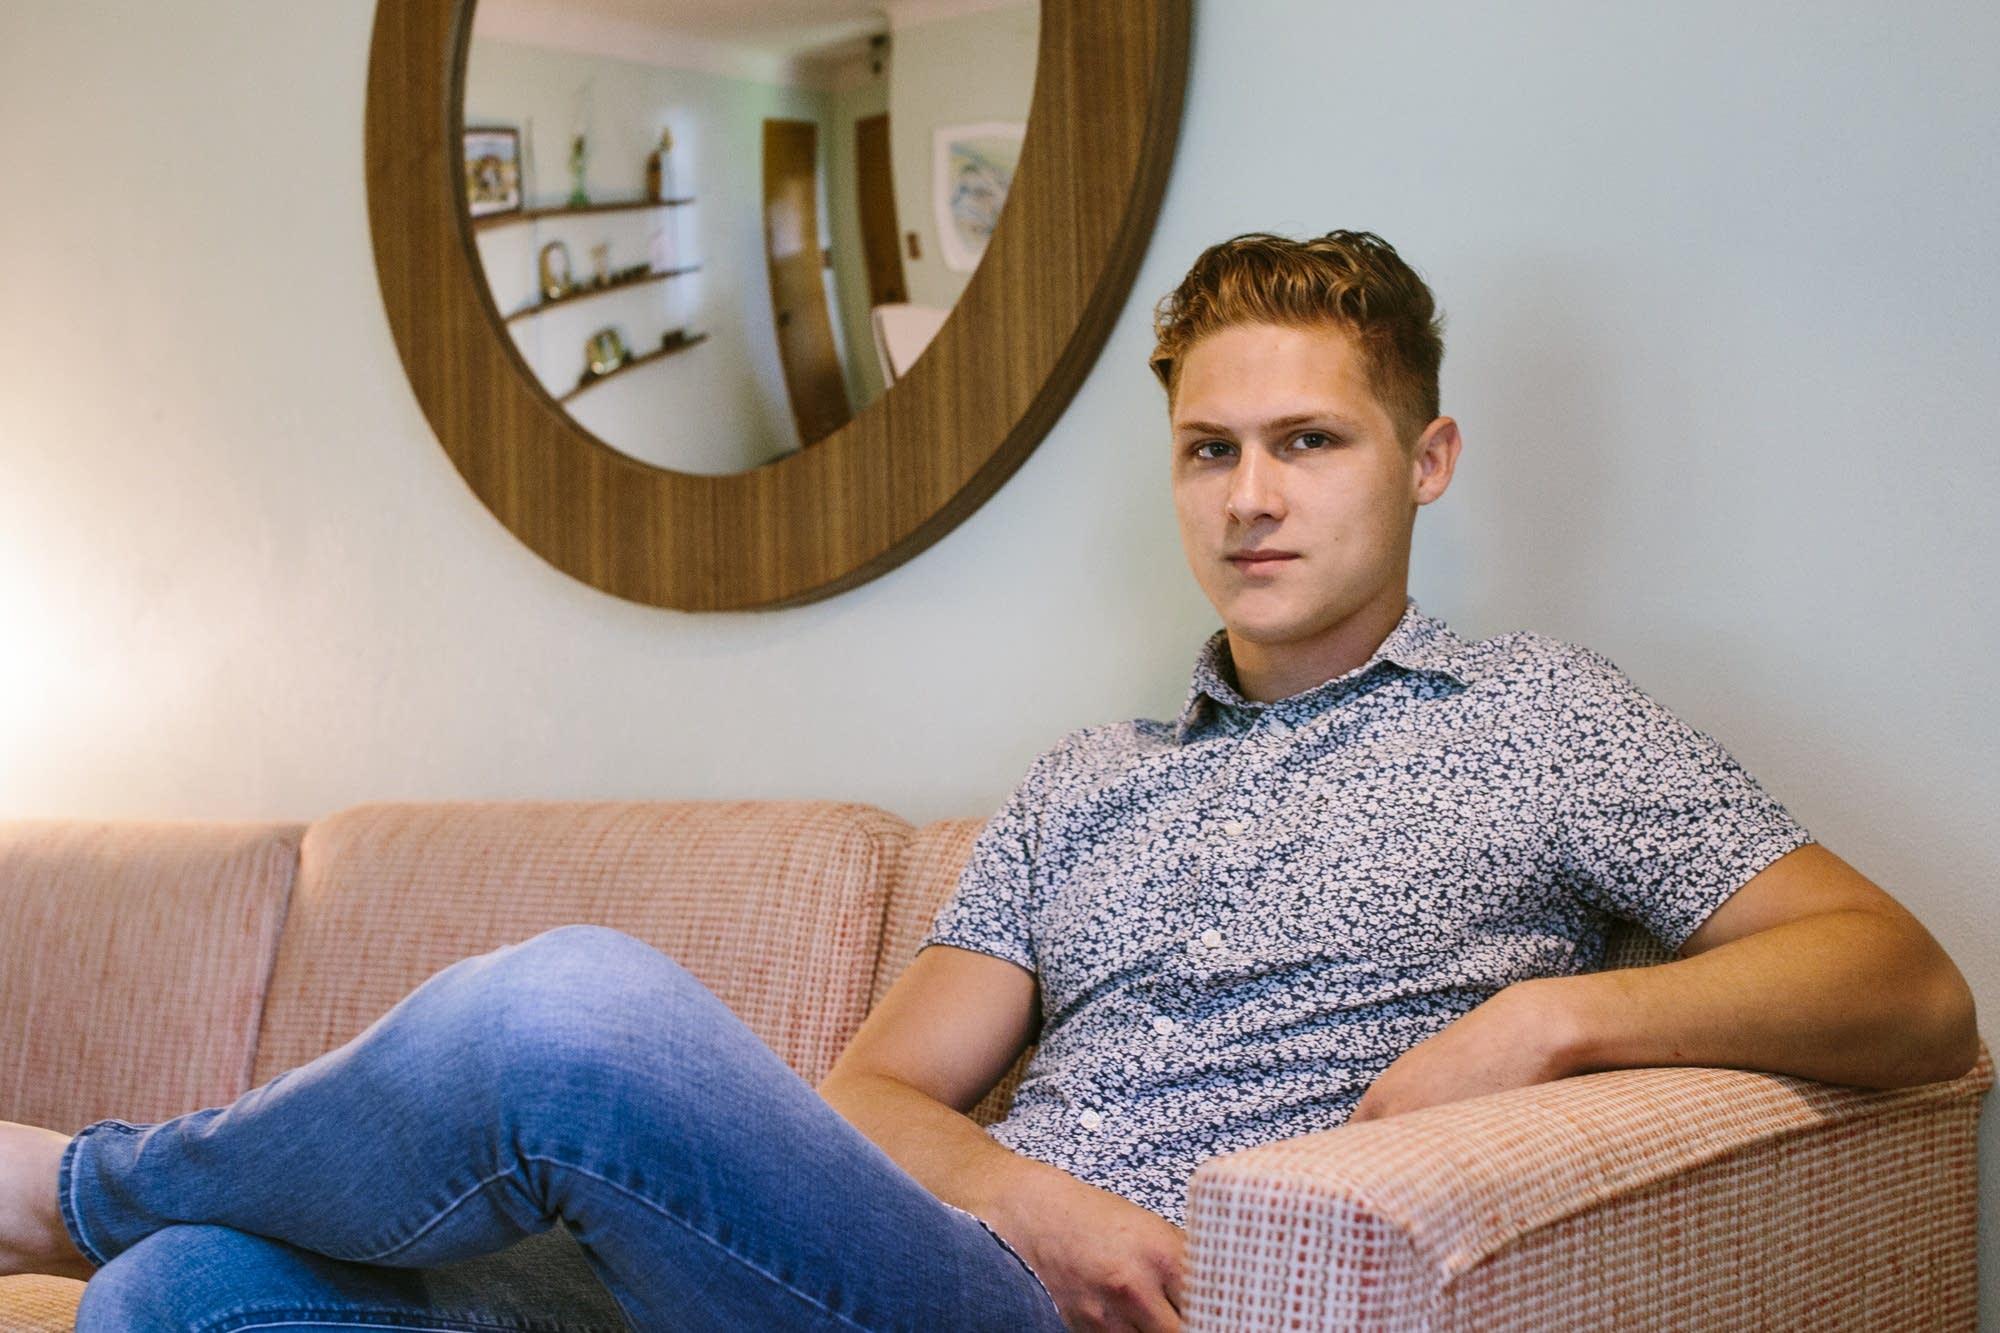 Airbnb host Elijah Neumann in his home.